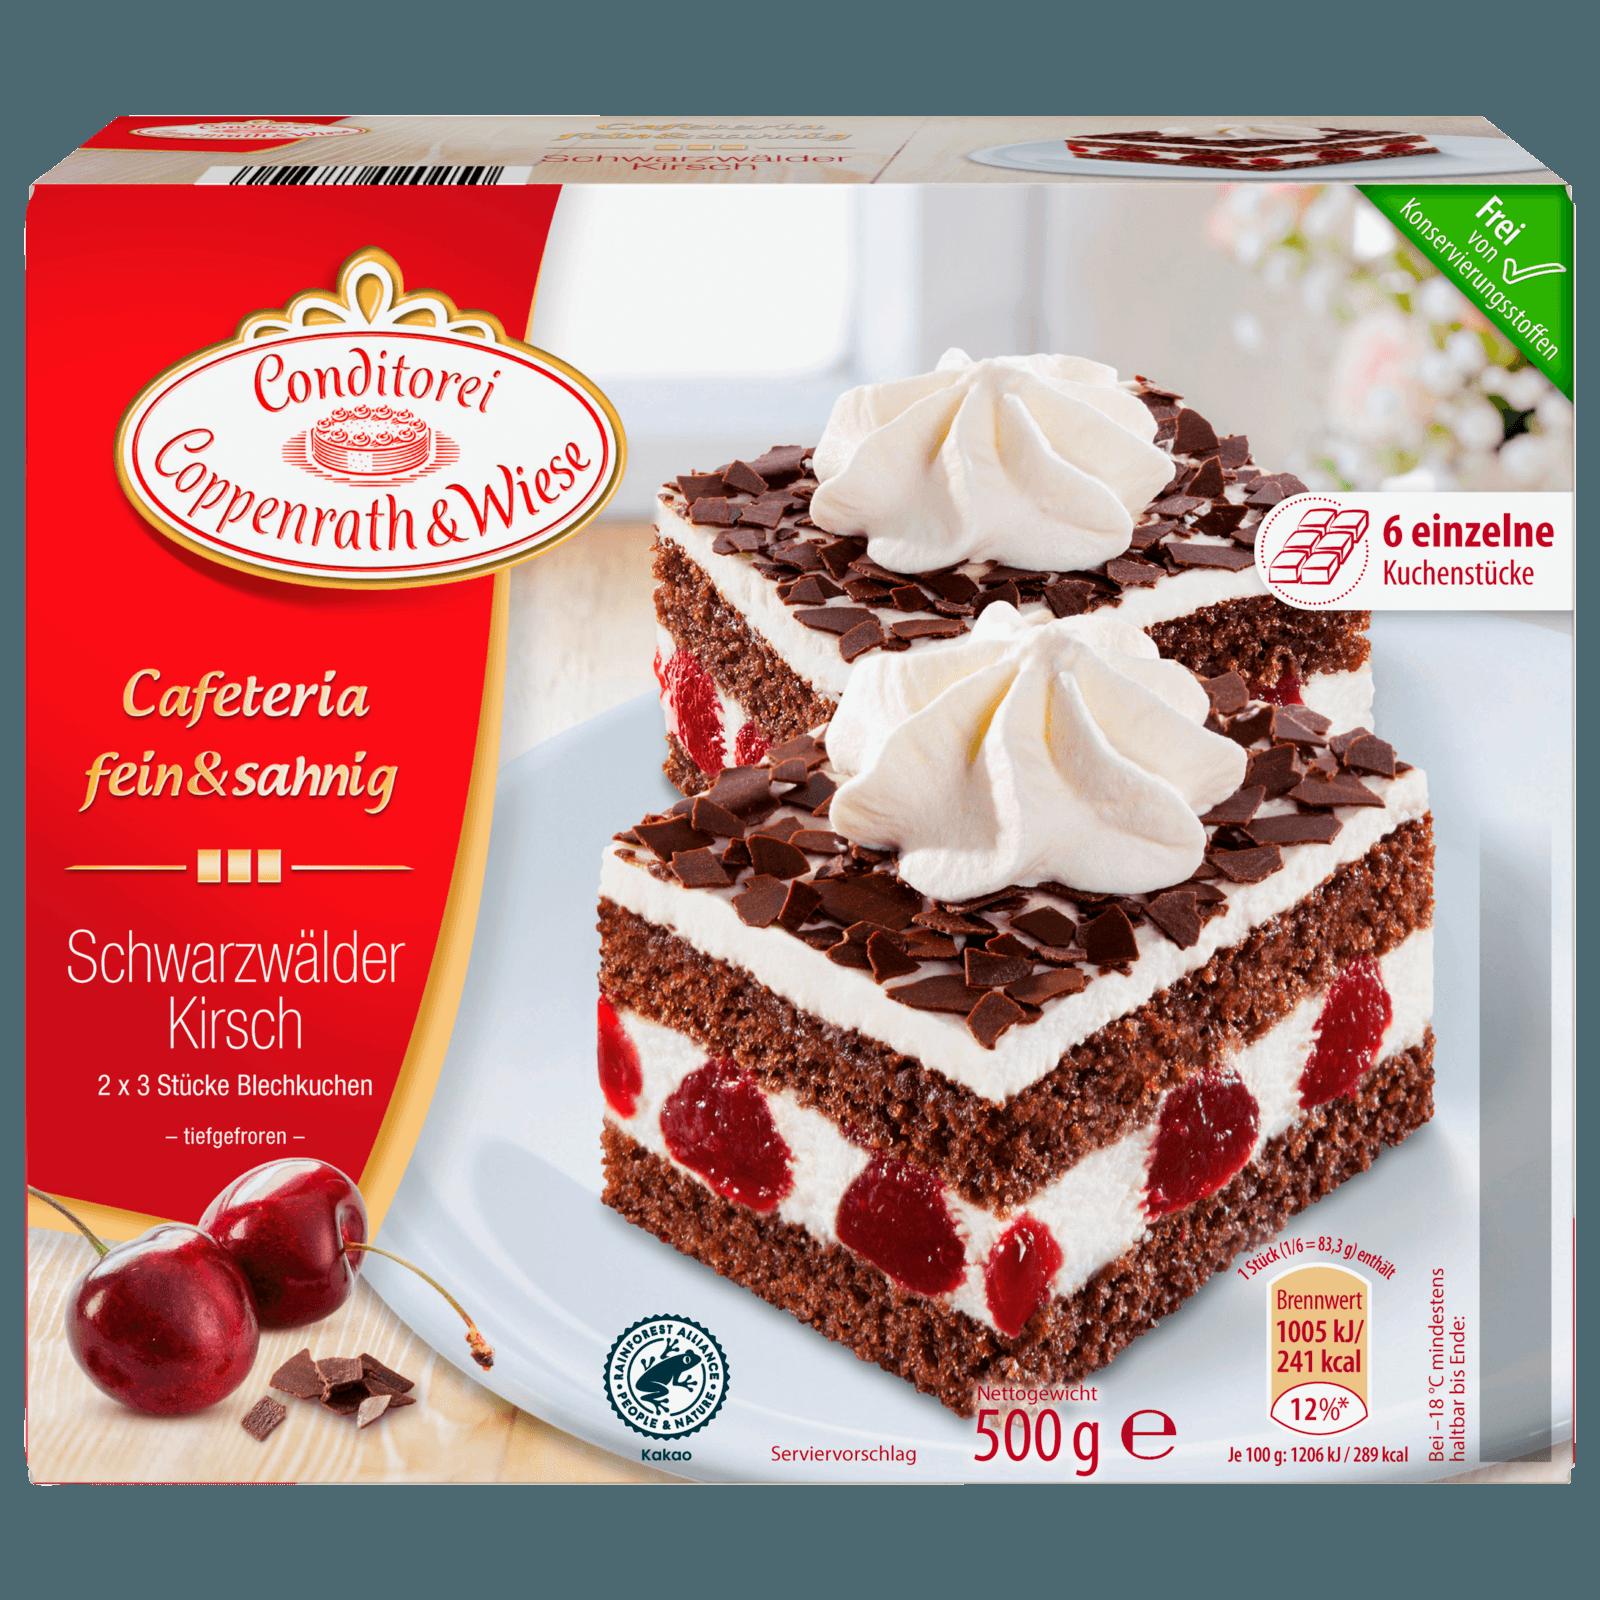 Coppenrath & Wiese Cafeteria Fein & Sahnig Schwarzwälder-Kirsch 500g